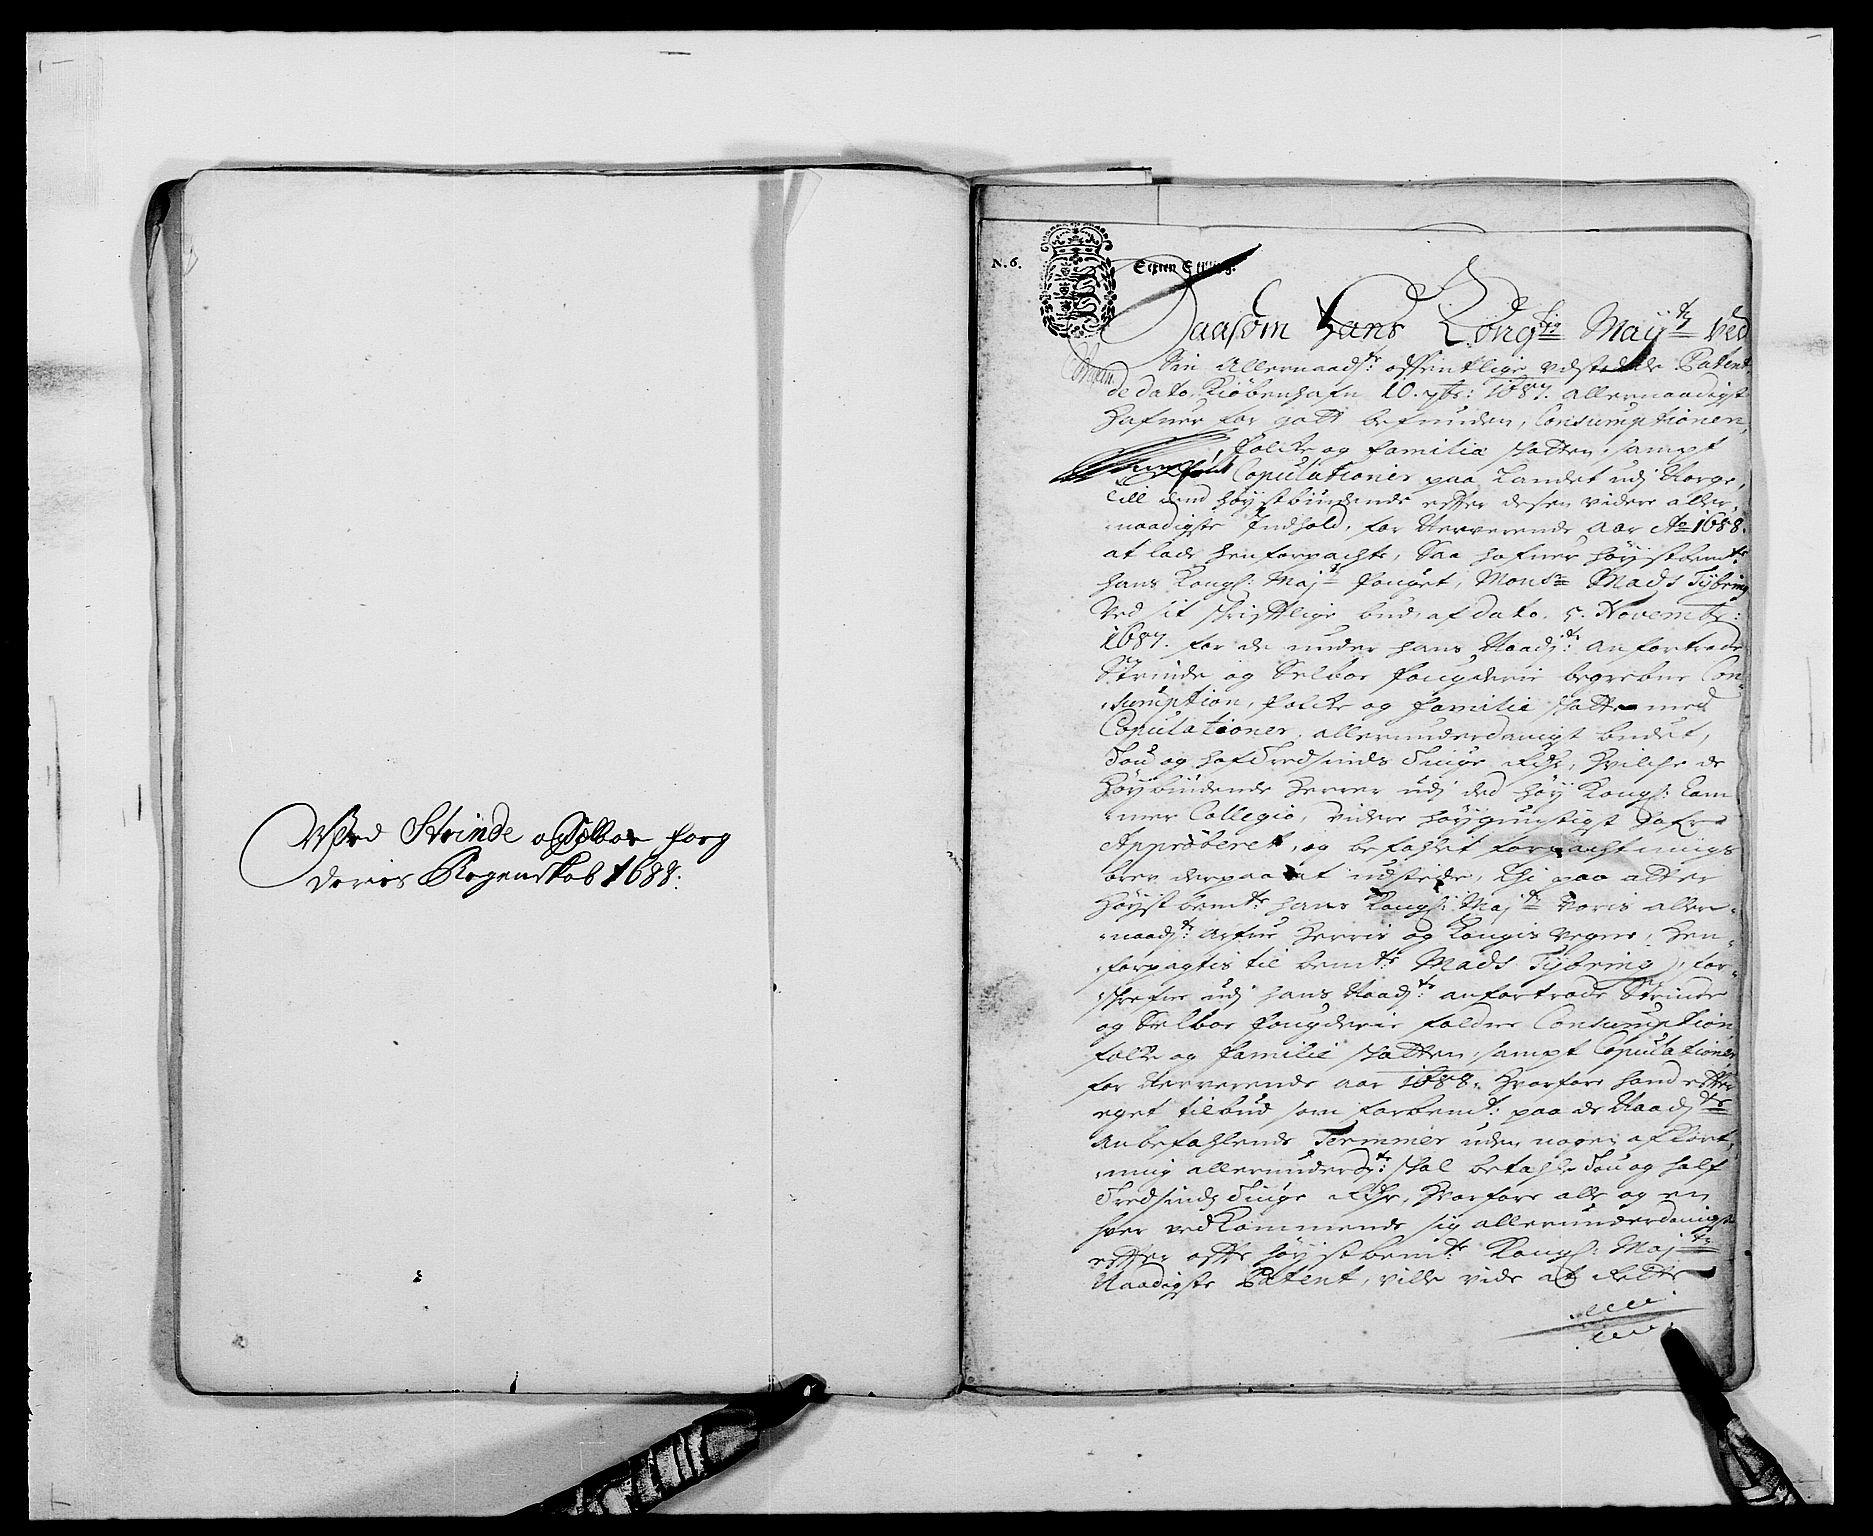 RA, Rentekammeret inntil 1814, Reviderte regnskaper, Fogderegnskap, R61/L4101: Fogderegnskap Strinda og Selbu, 1687-1688, s. 201